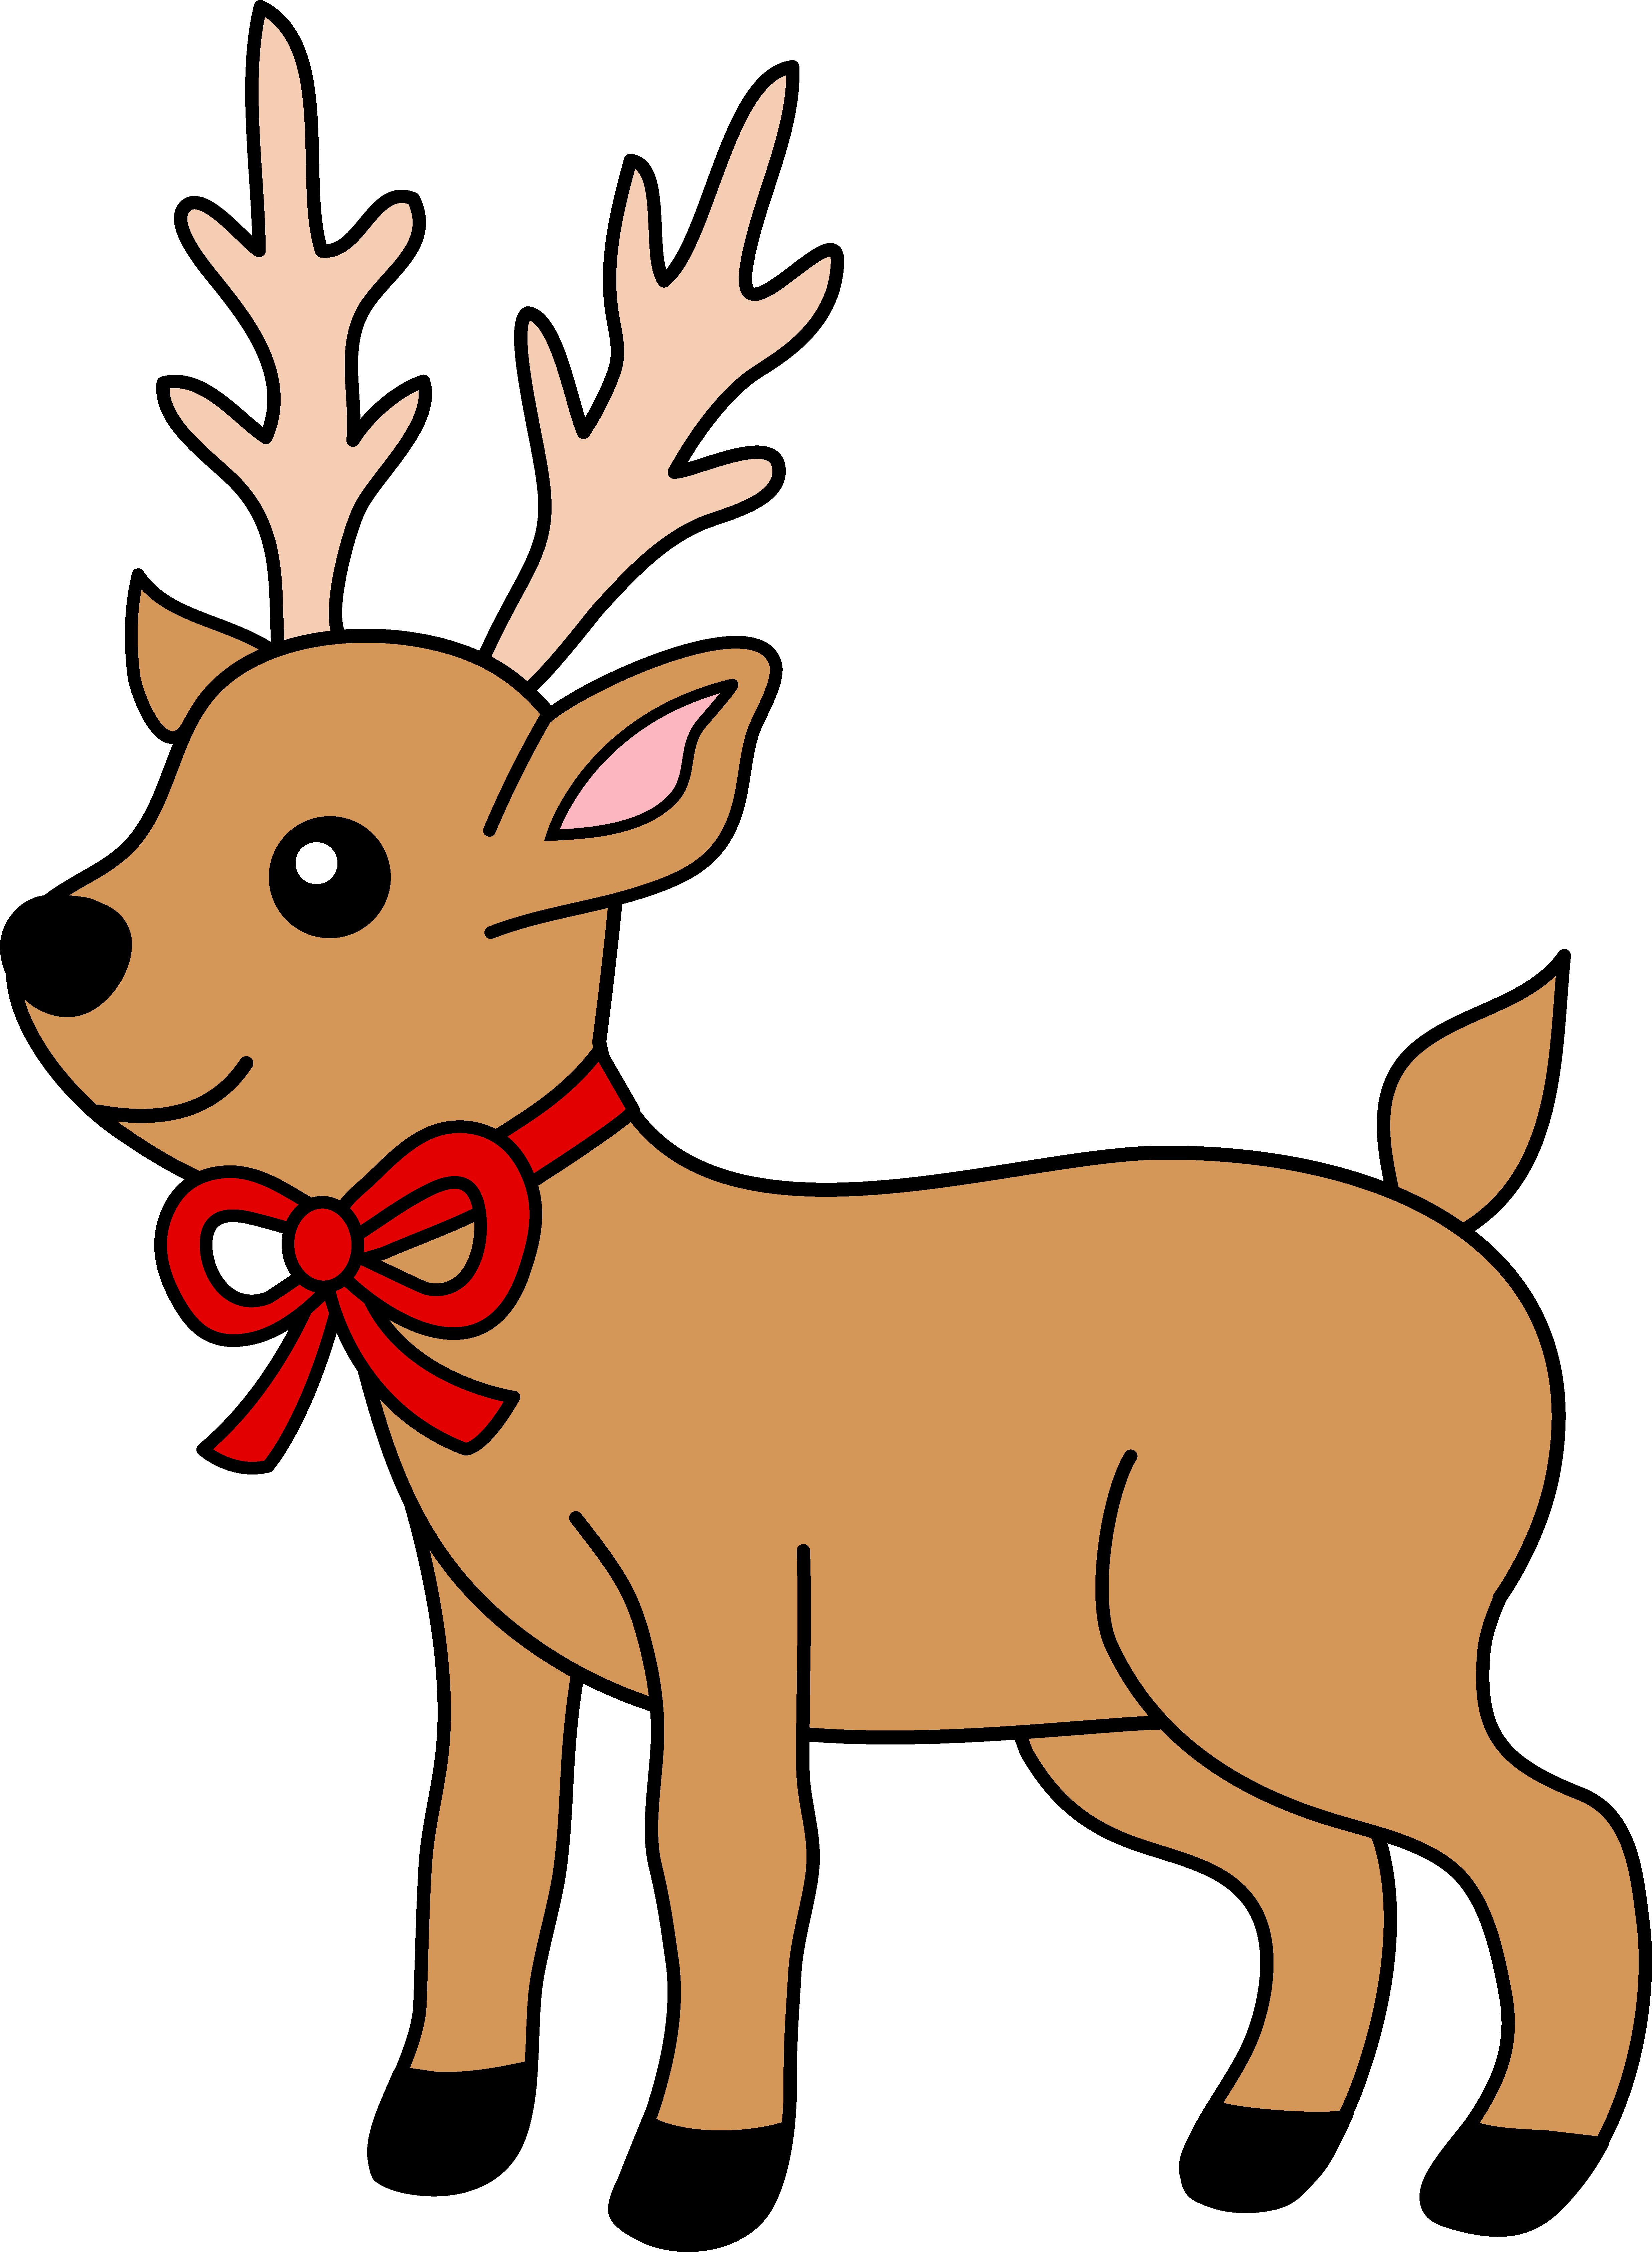 Free christmas deer cliparts. December clipart reindeer food